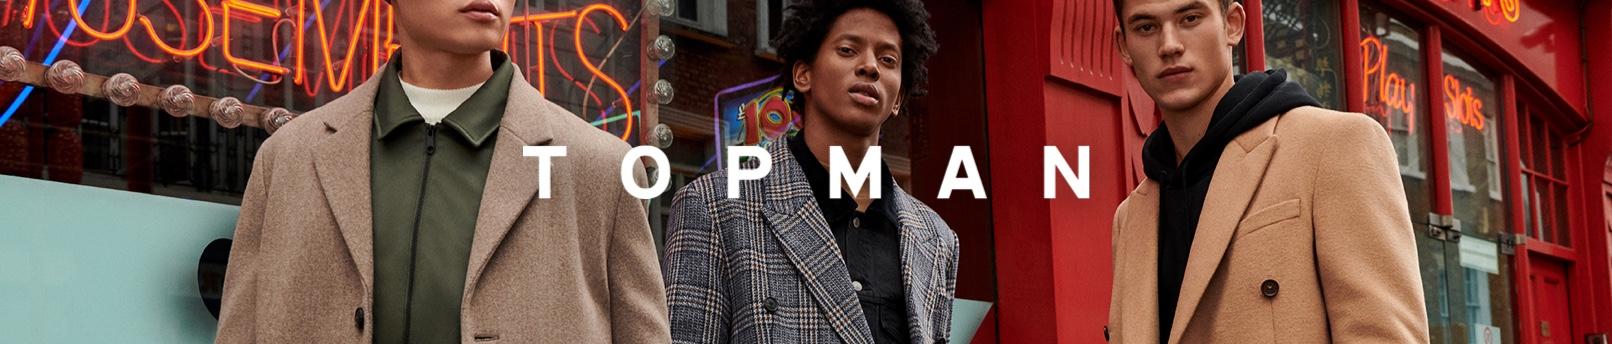 Shop Topman